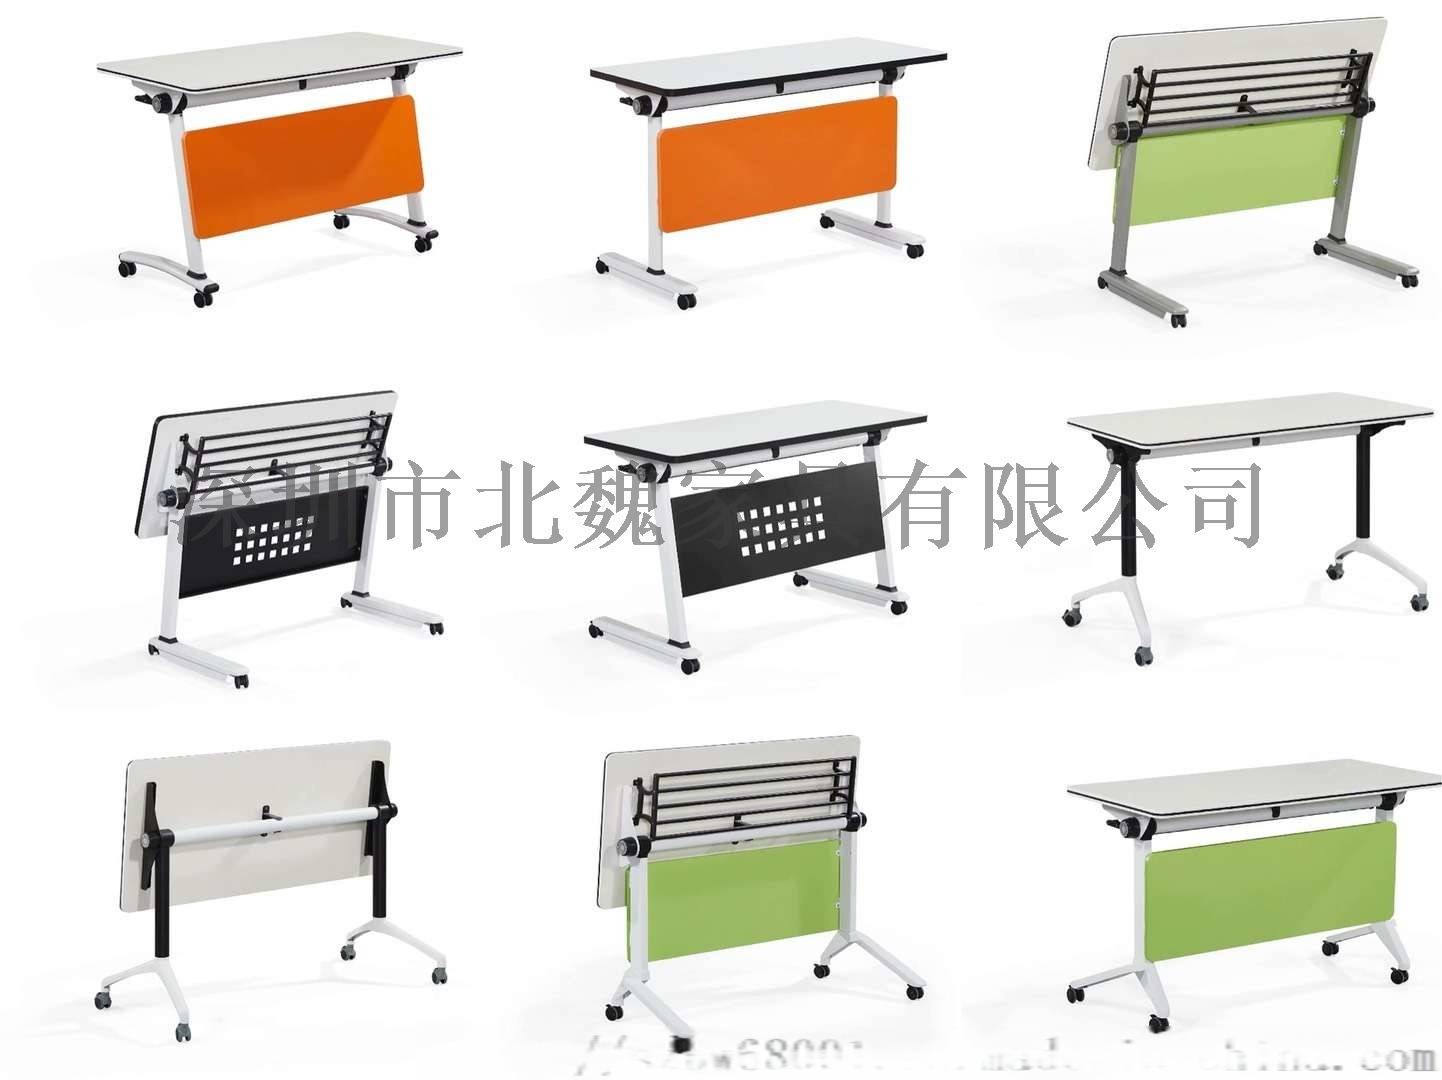 厂家直销可翻动可移动学生桌-多功能折叠培训桌135866235